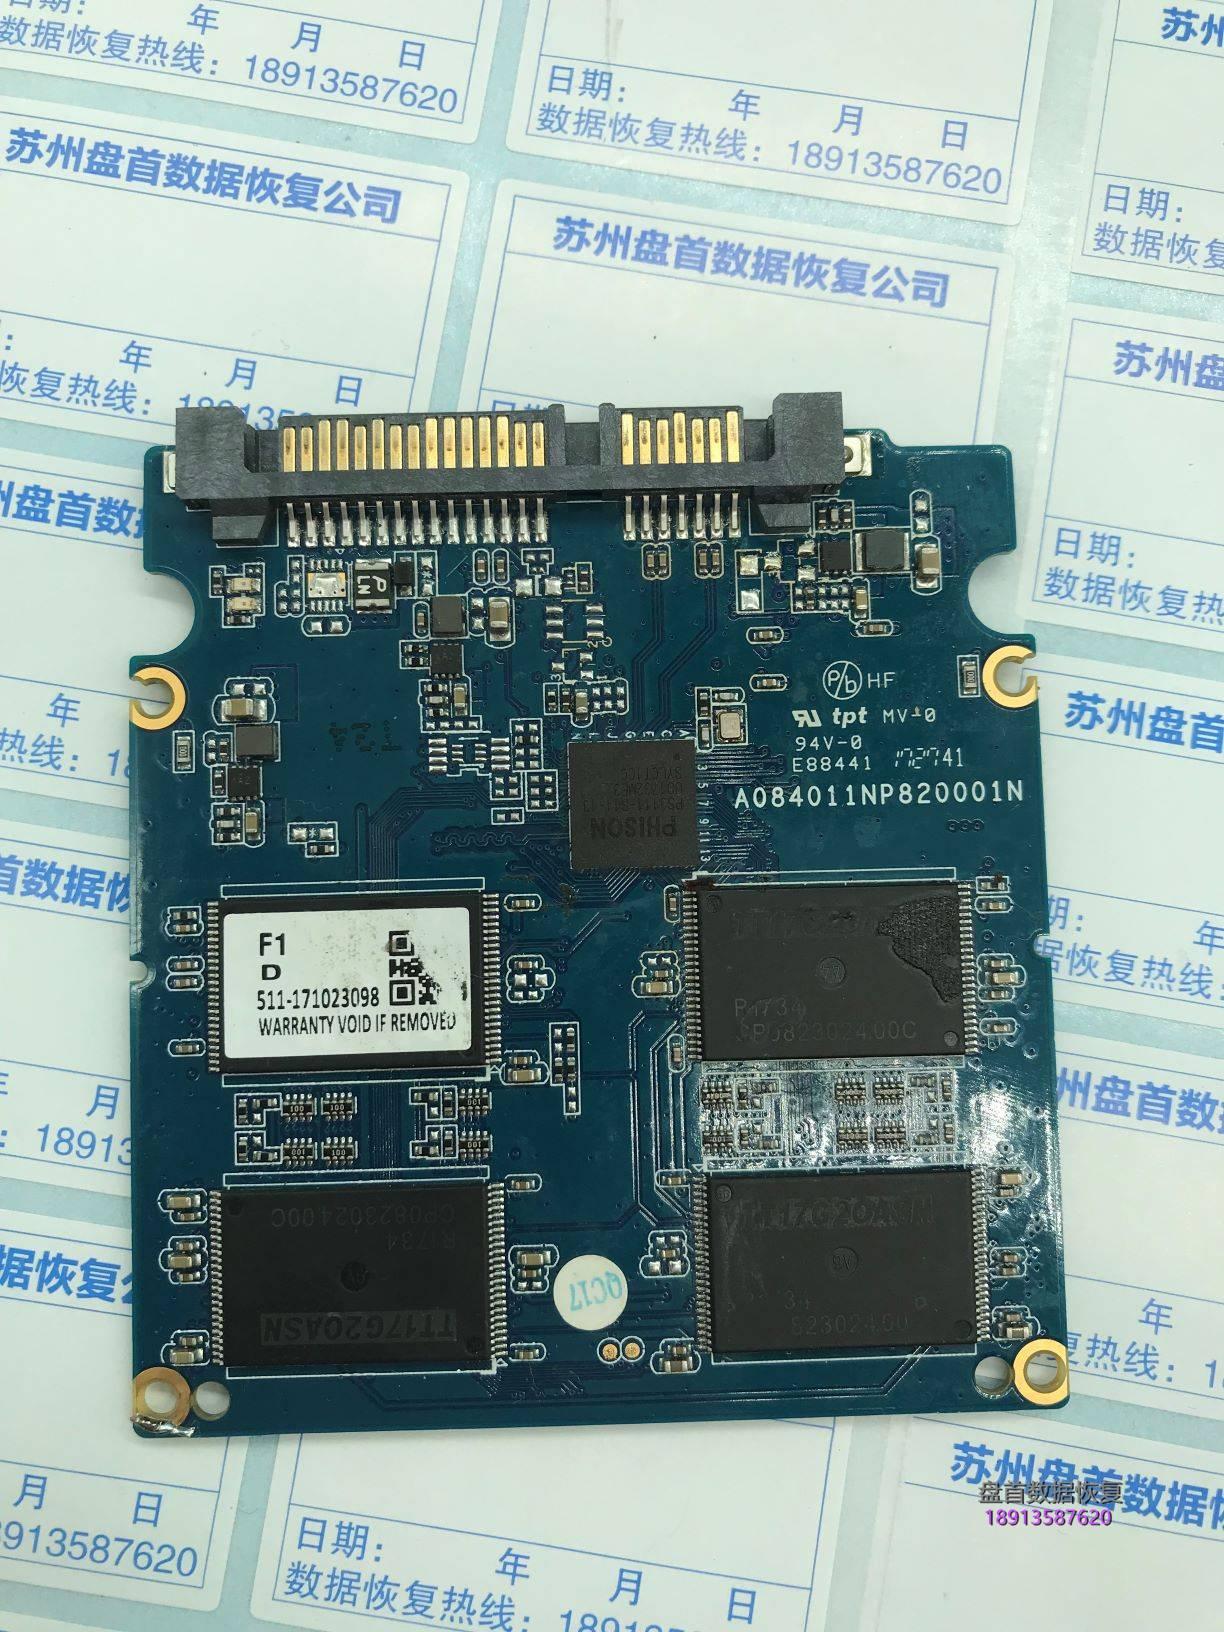 0-13 完美恢复影驰GALAX TA1D0120A主控PS3111的SSD固态硬盘二次数据数据成功